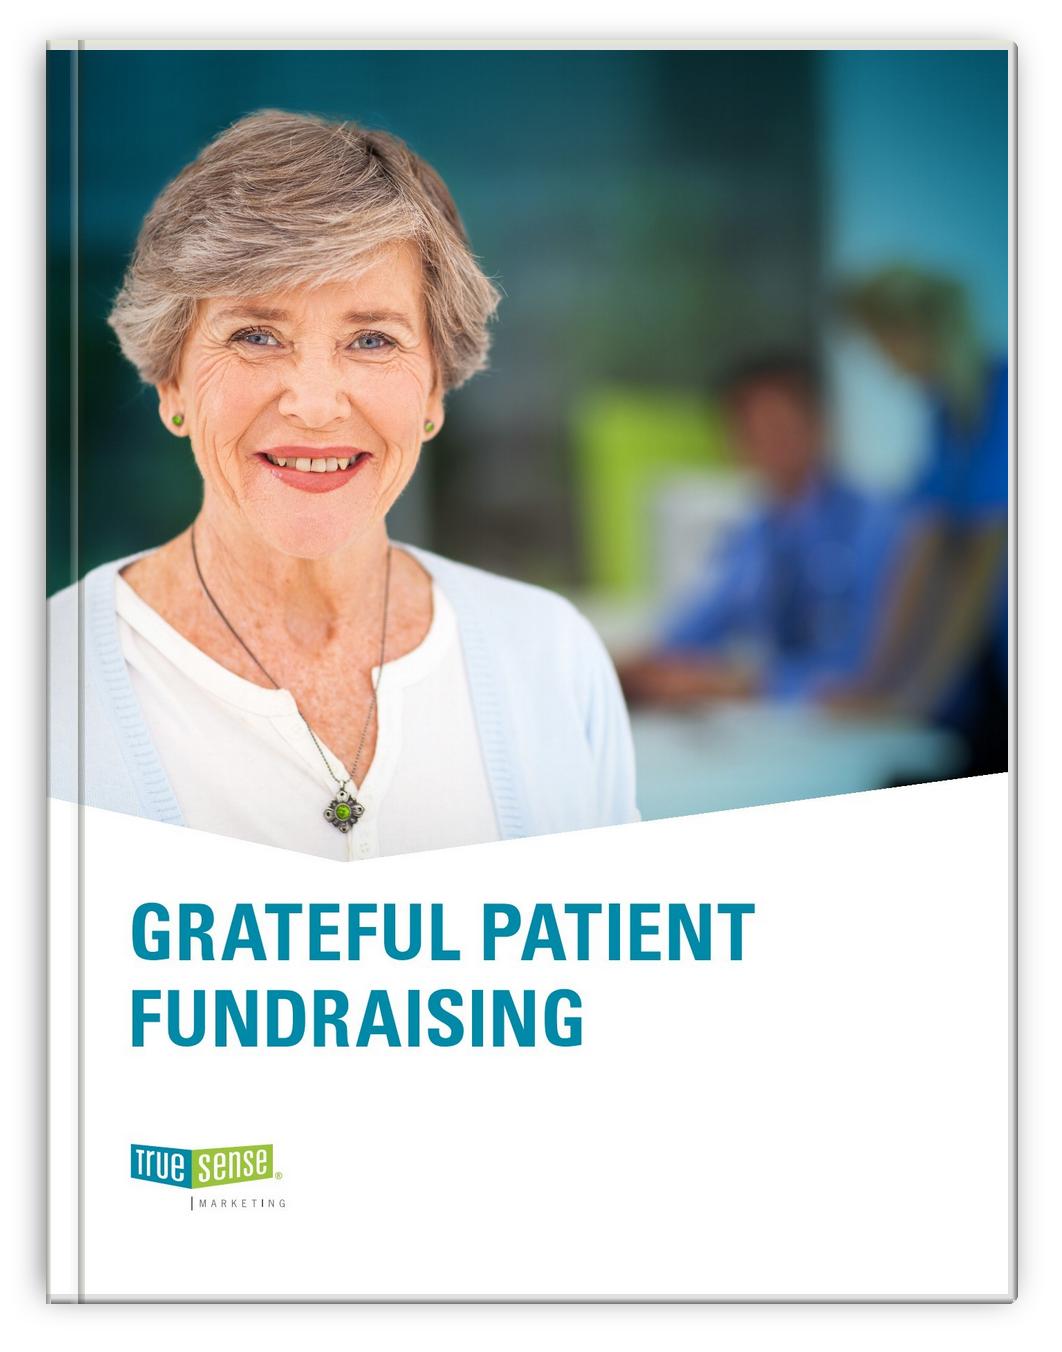 Grateful Patient Fundraising